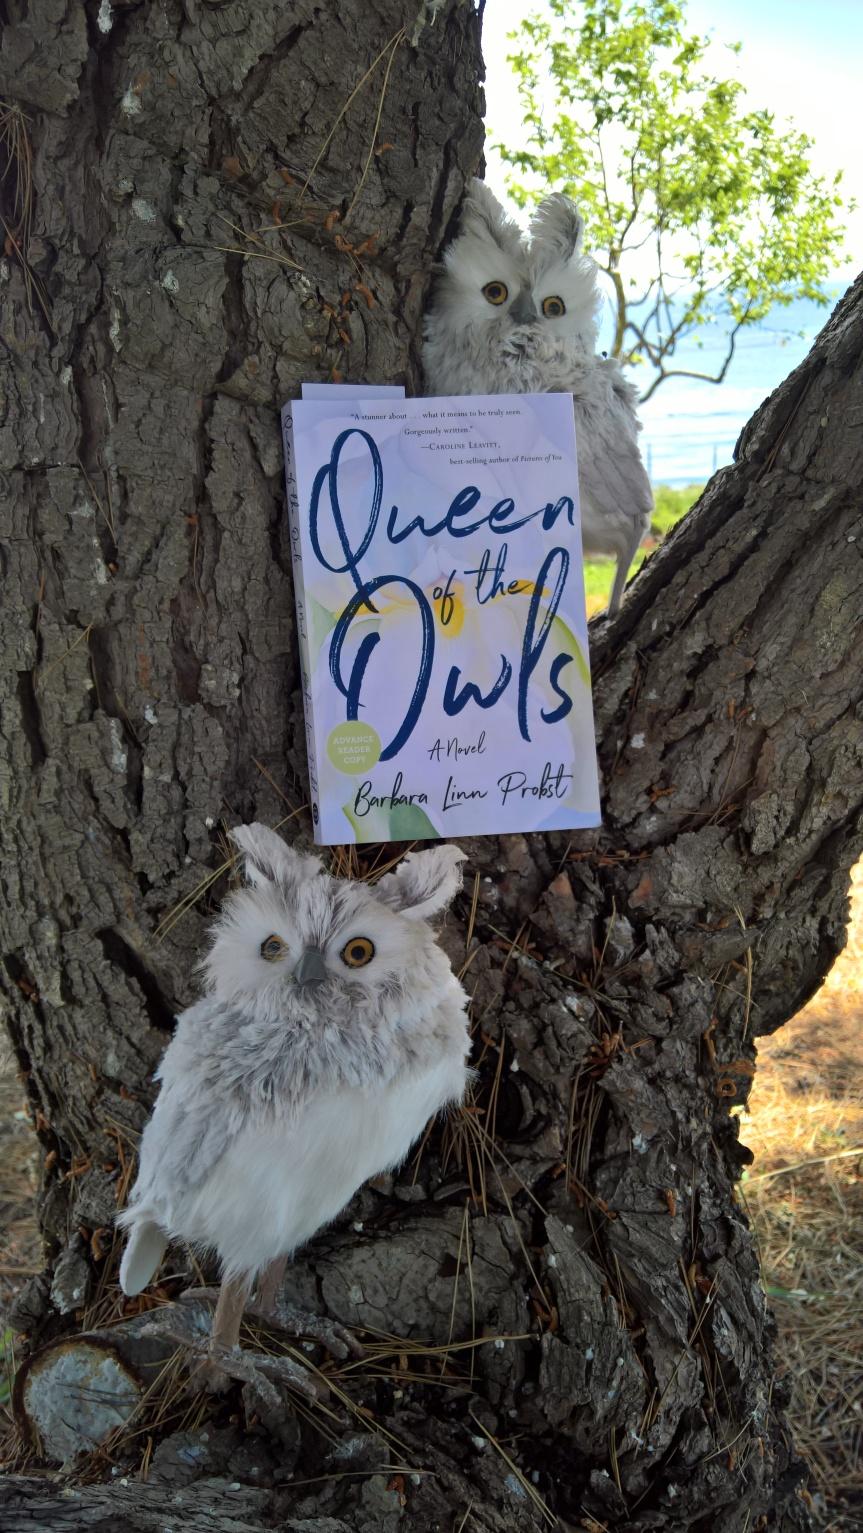 Queen of the Owls